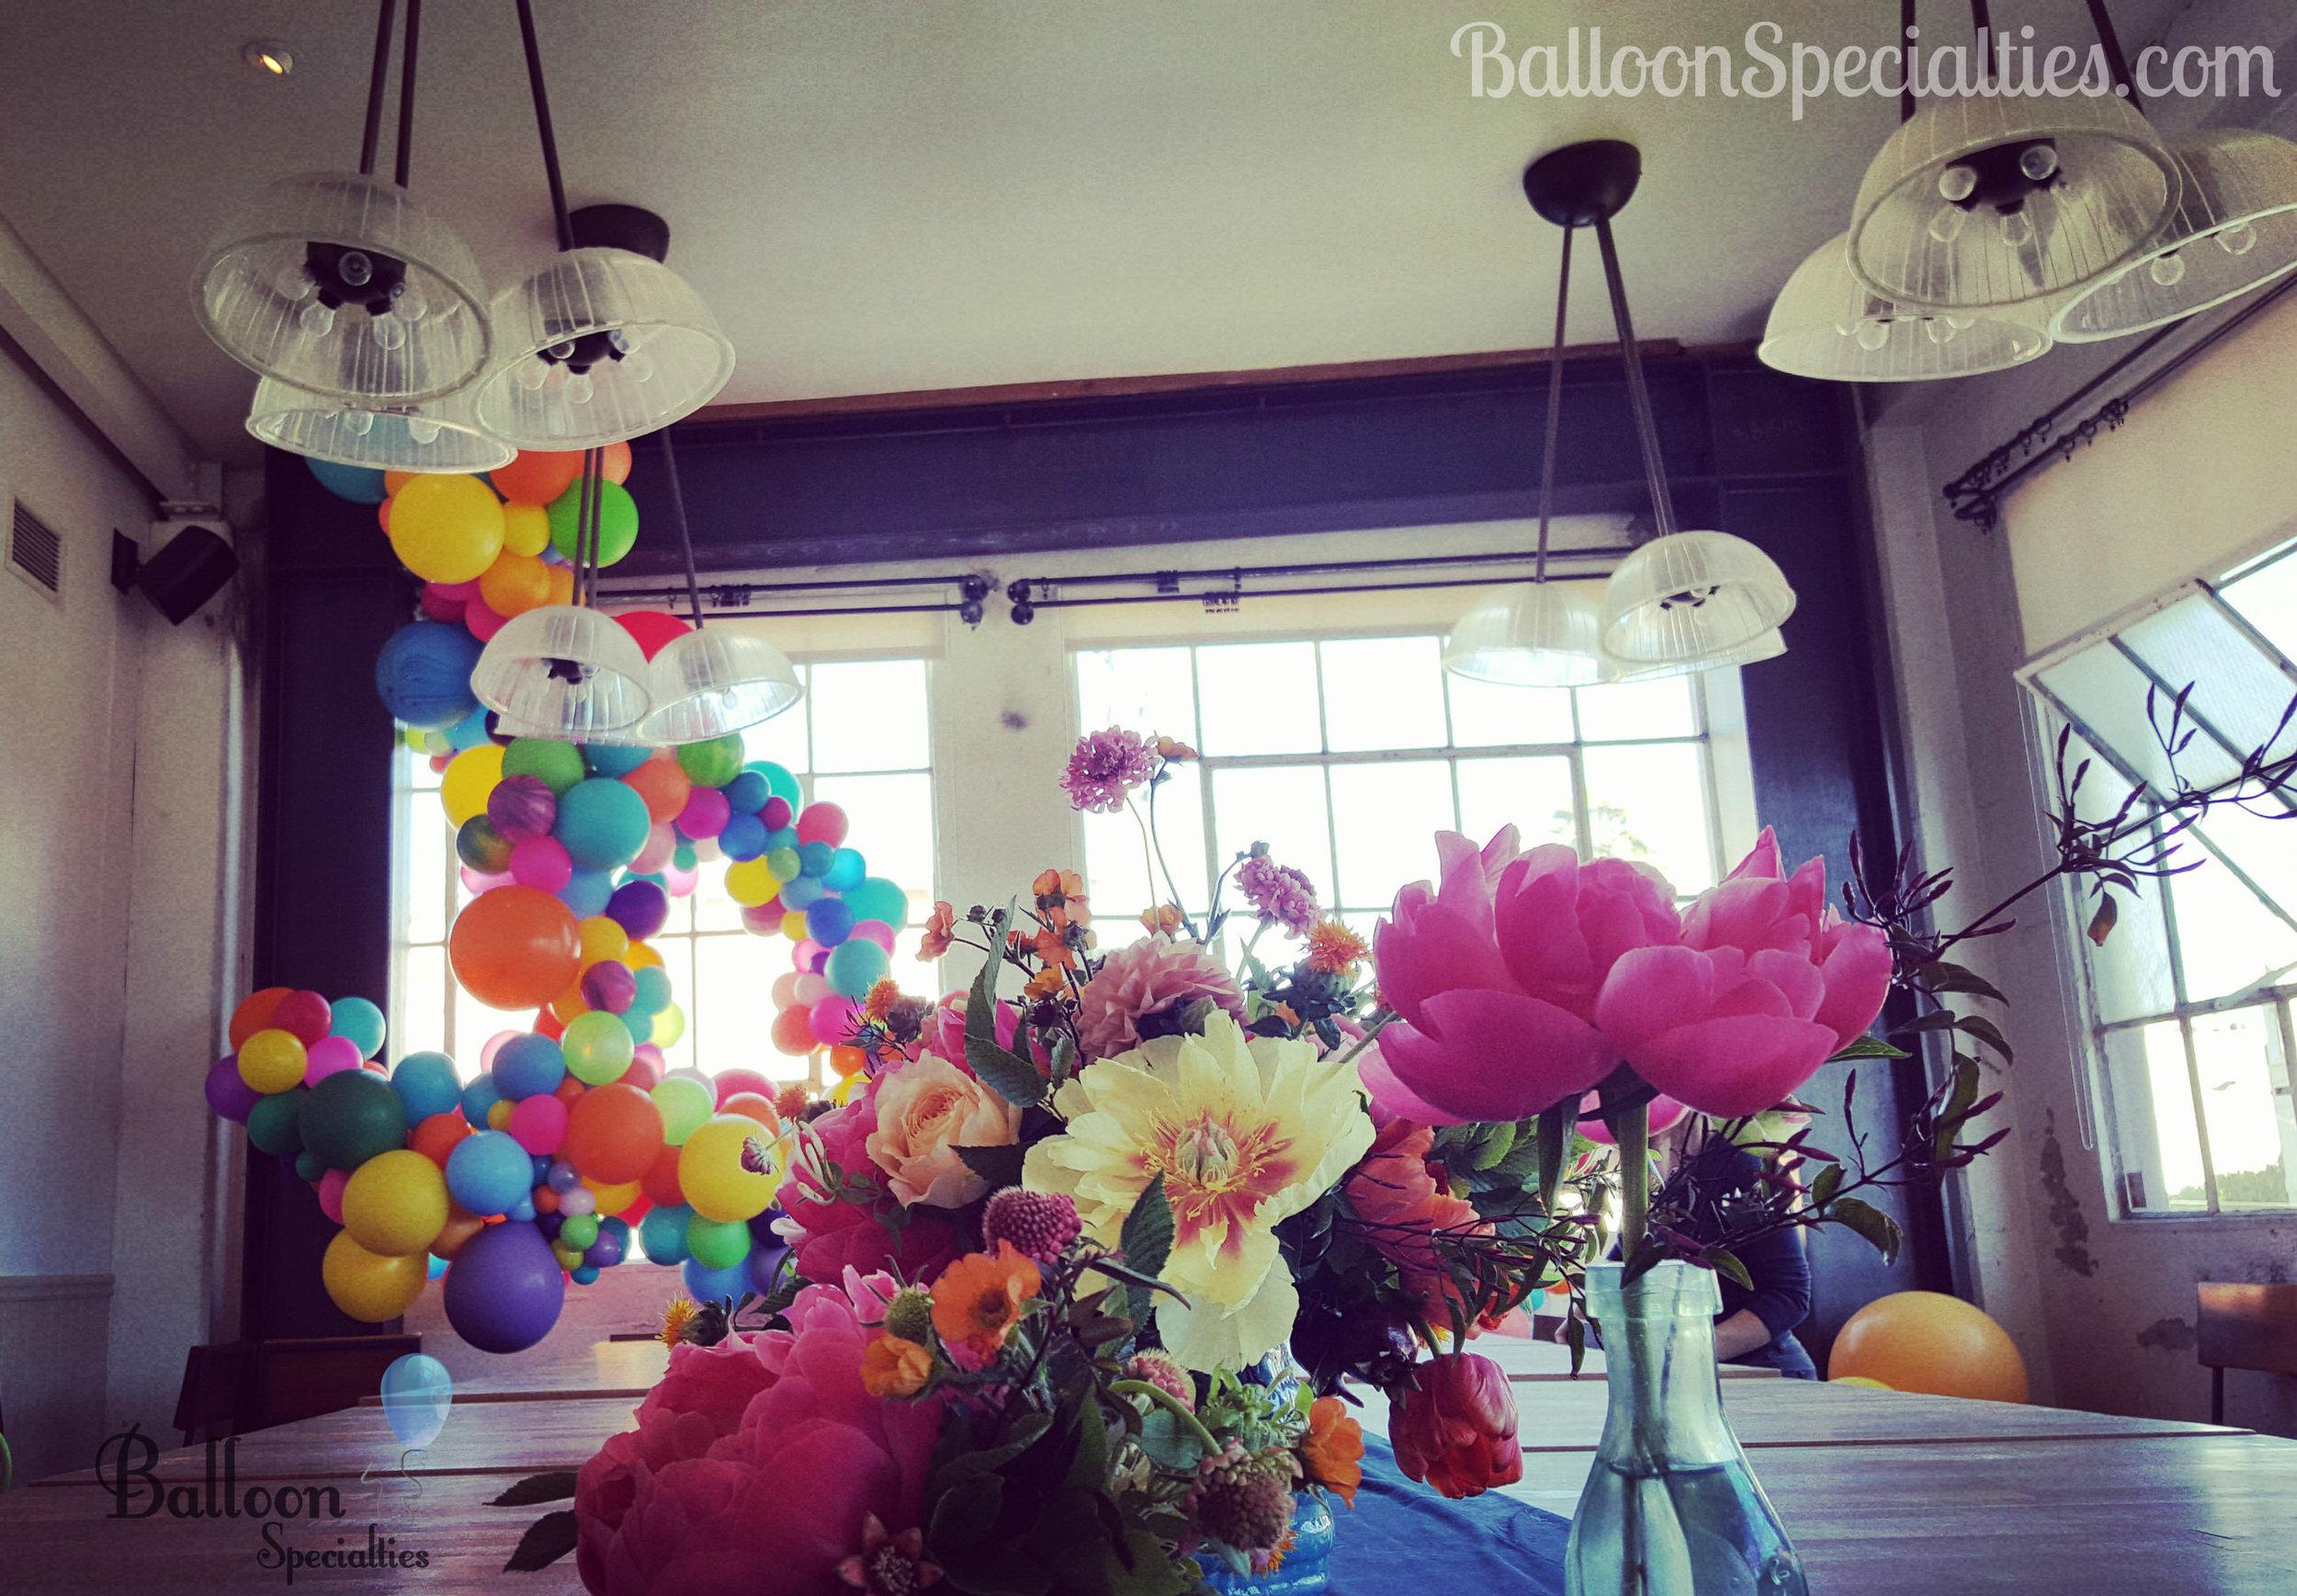 Central Kitchen Garland Balloon Specialties Branded.jpg